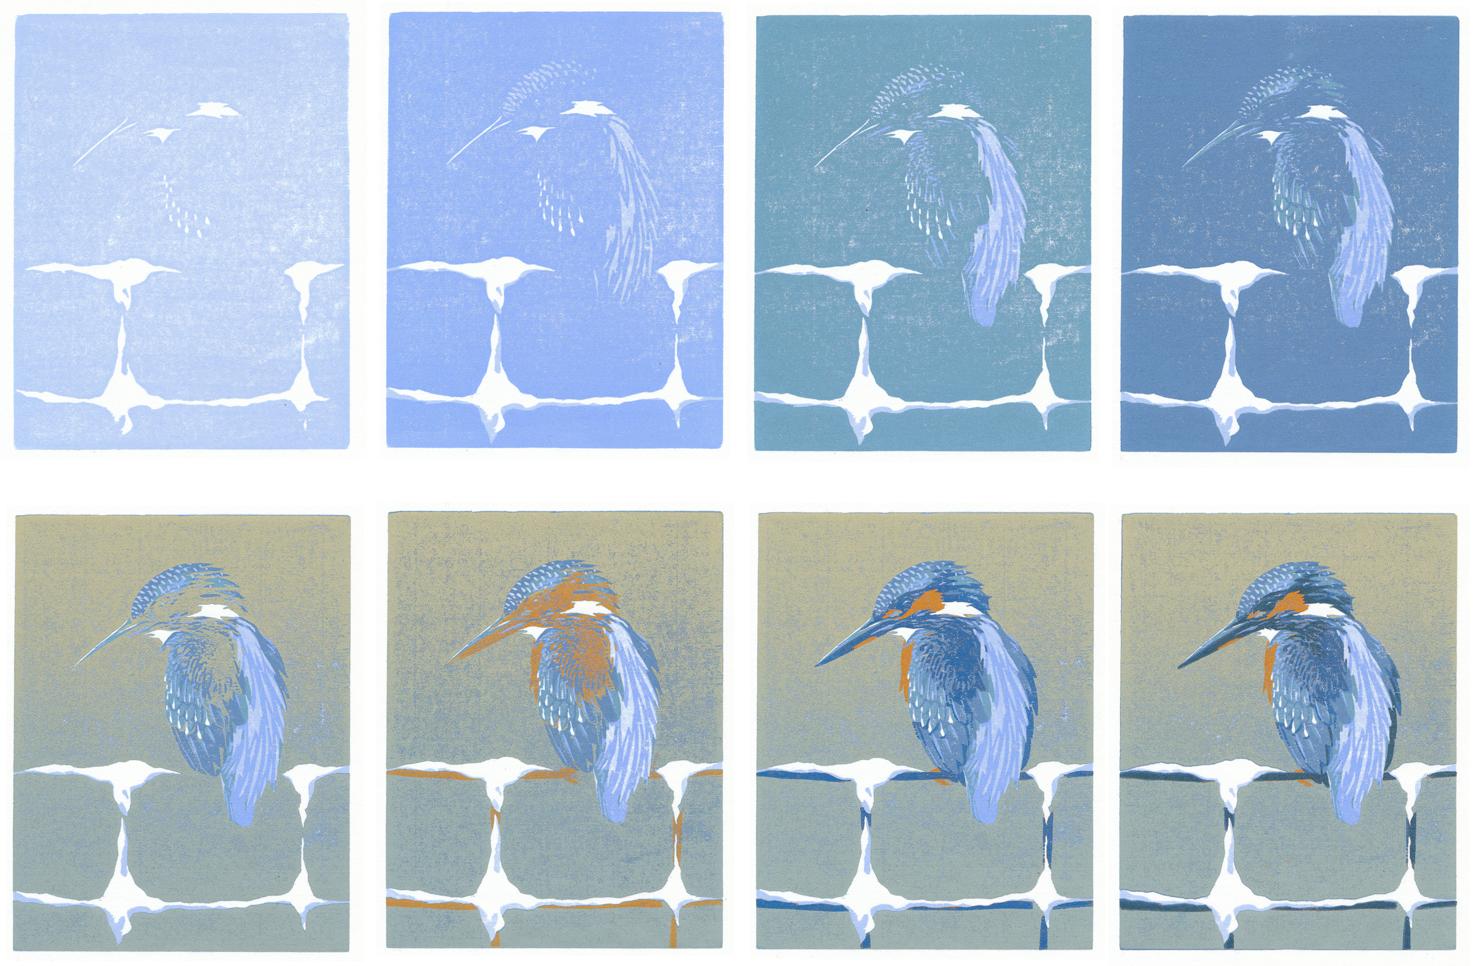 ijsblauwvogel-houtserie